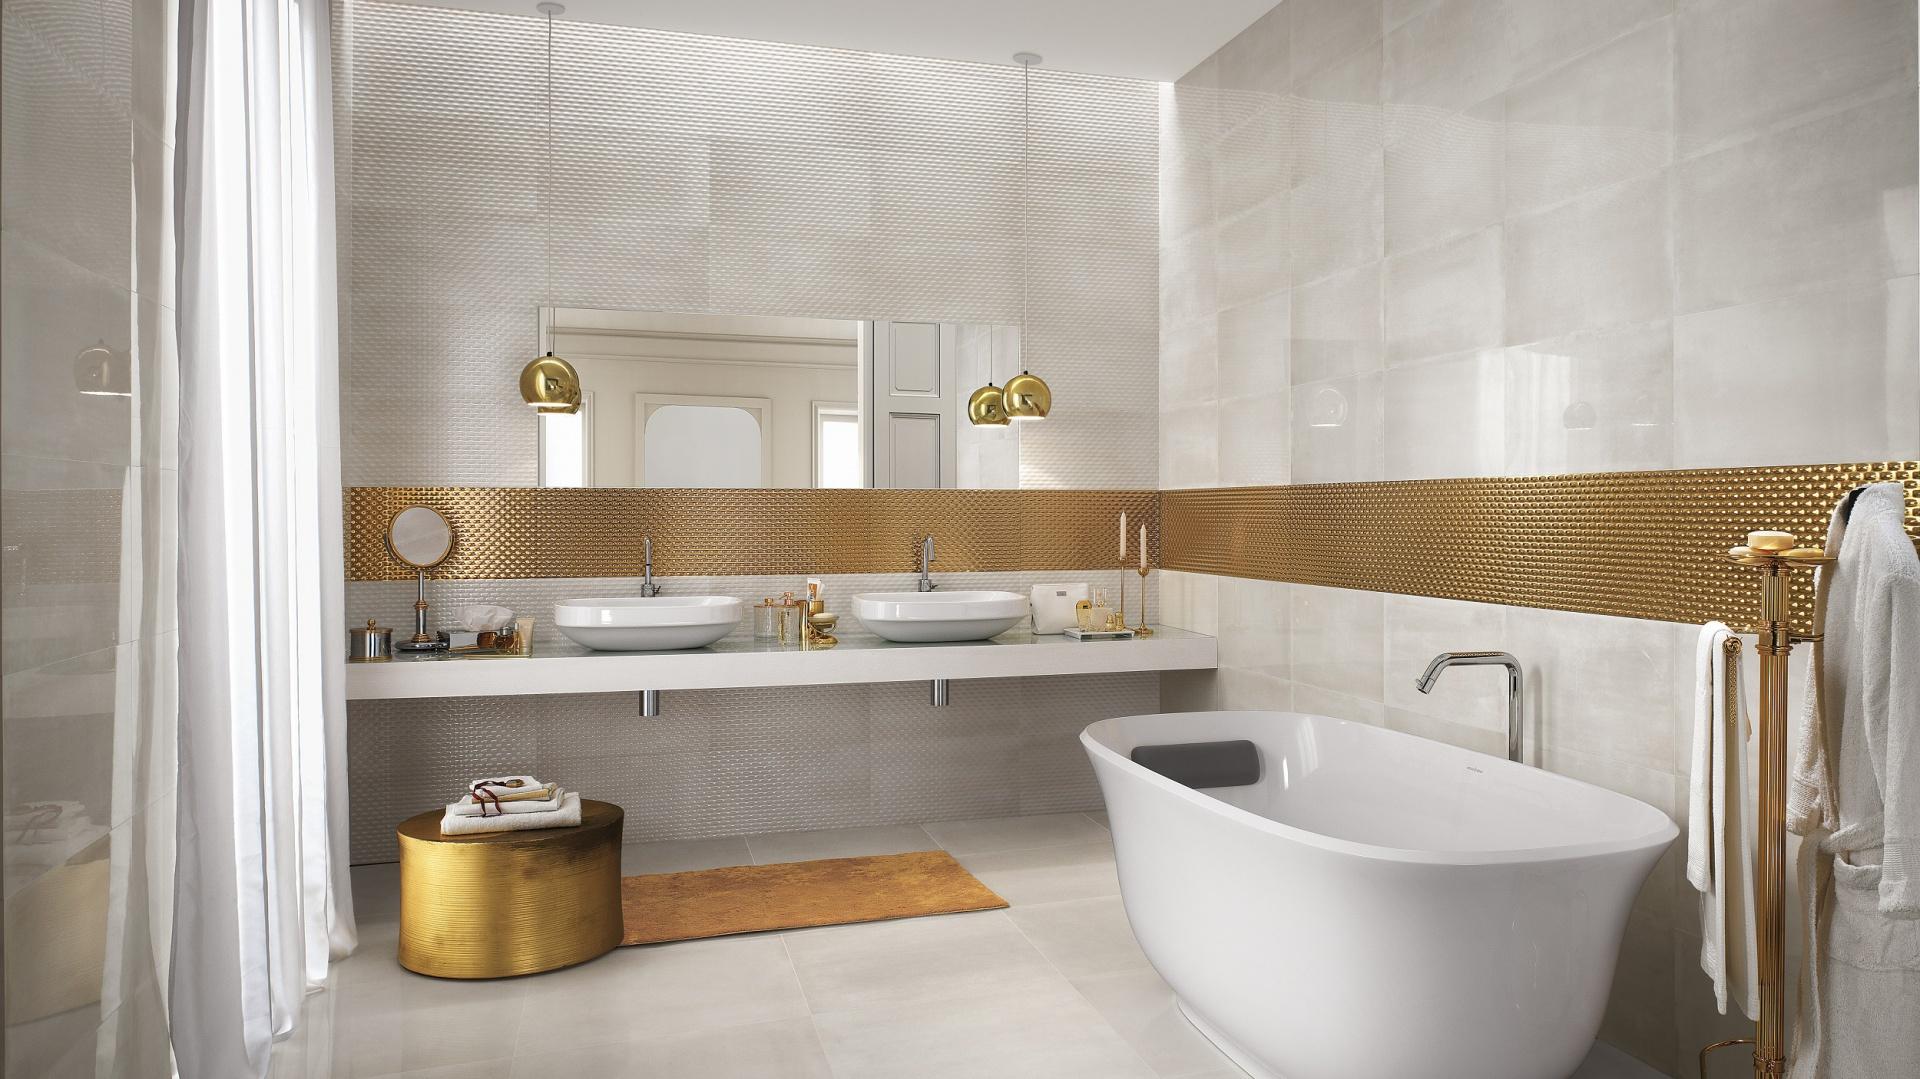 Modna łazienka To Będzie Trendy W 2016